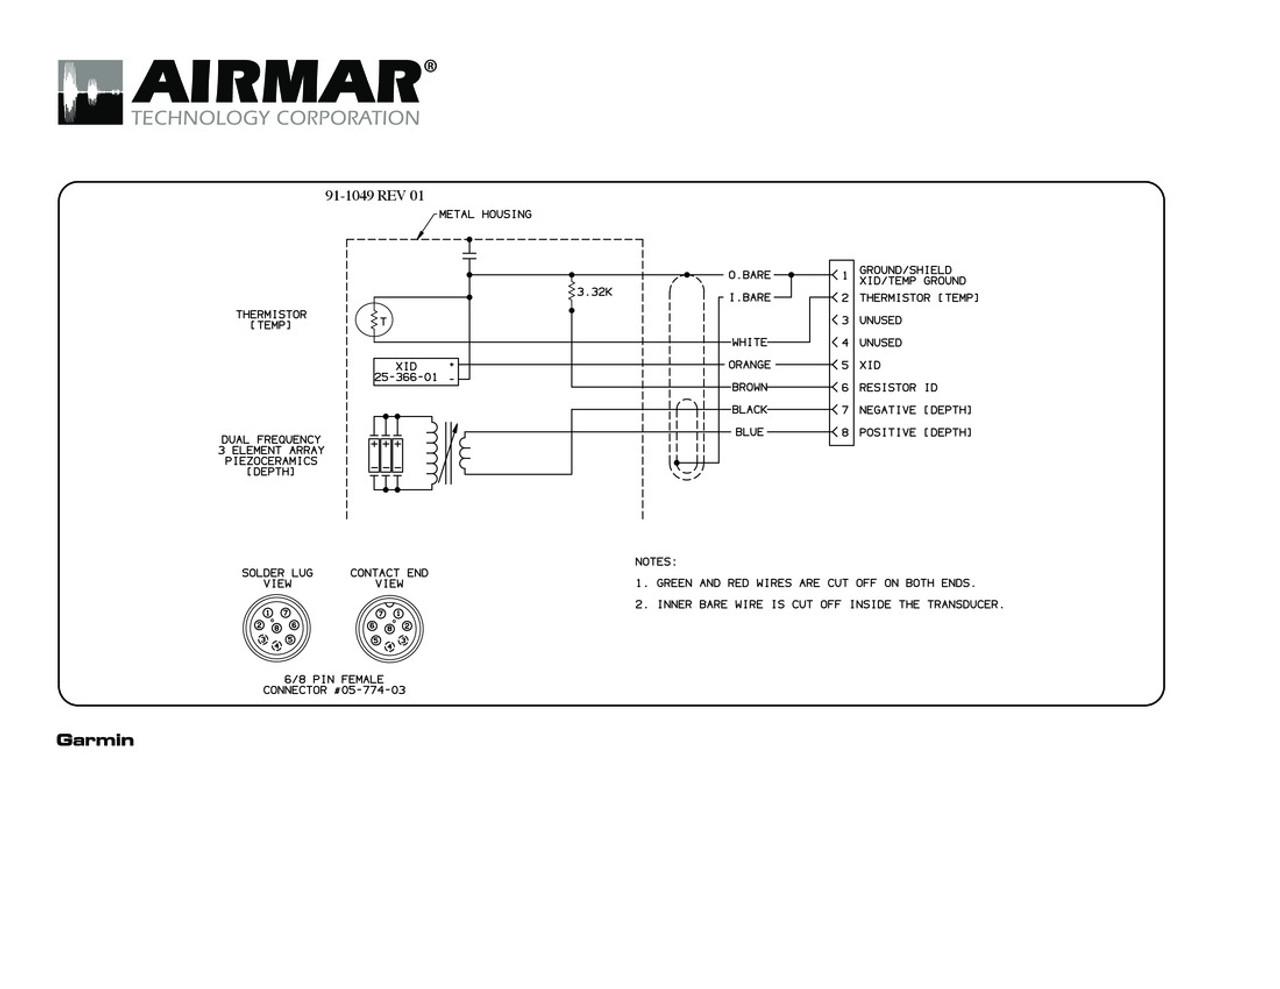 Airmar Wiring Diagram Garmin B164 8 Pin  D T